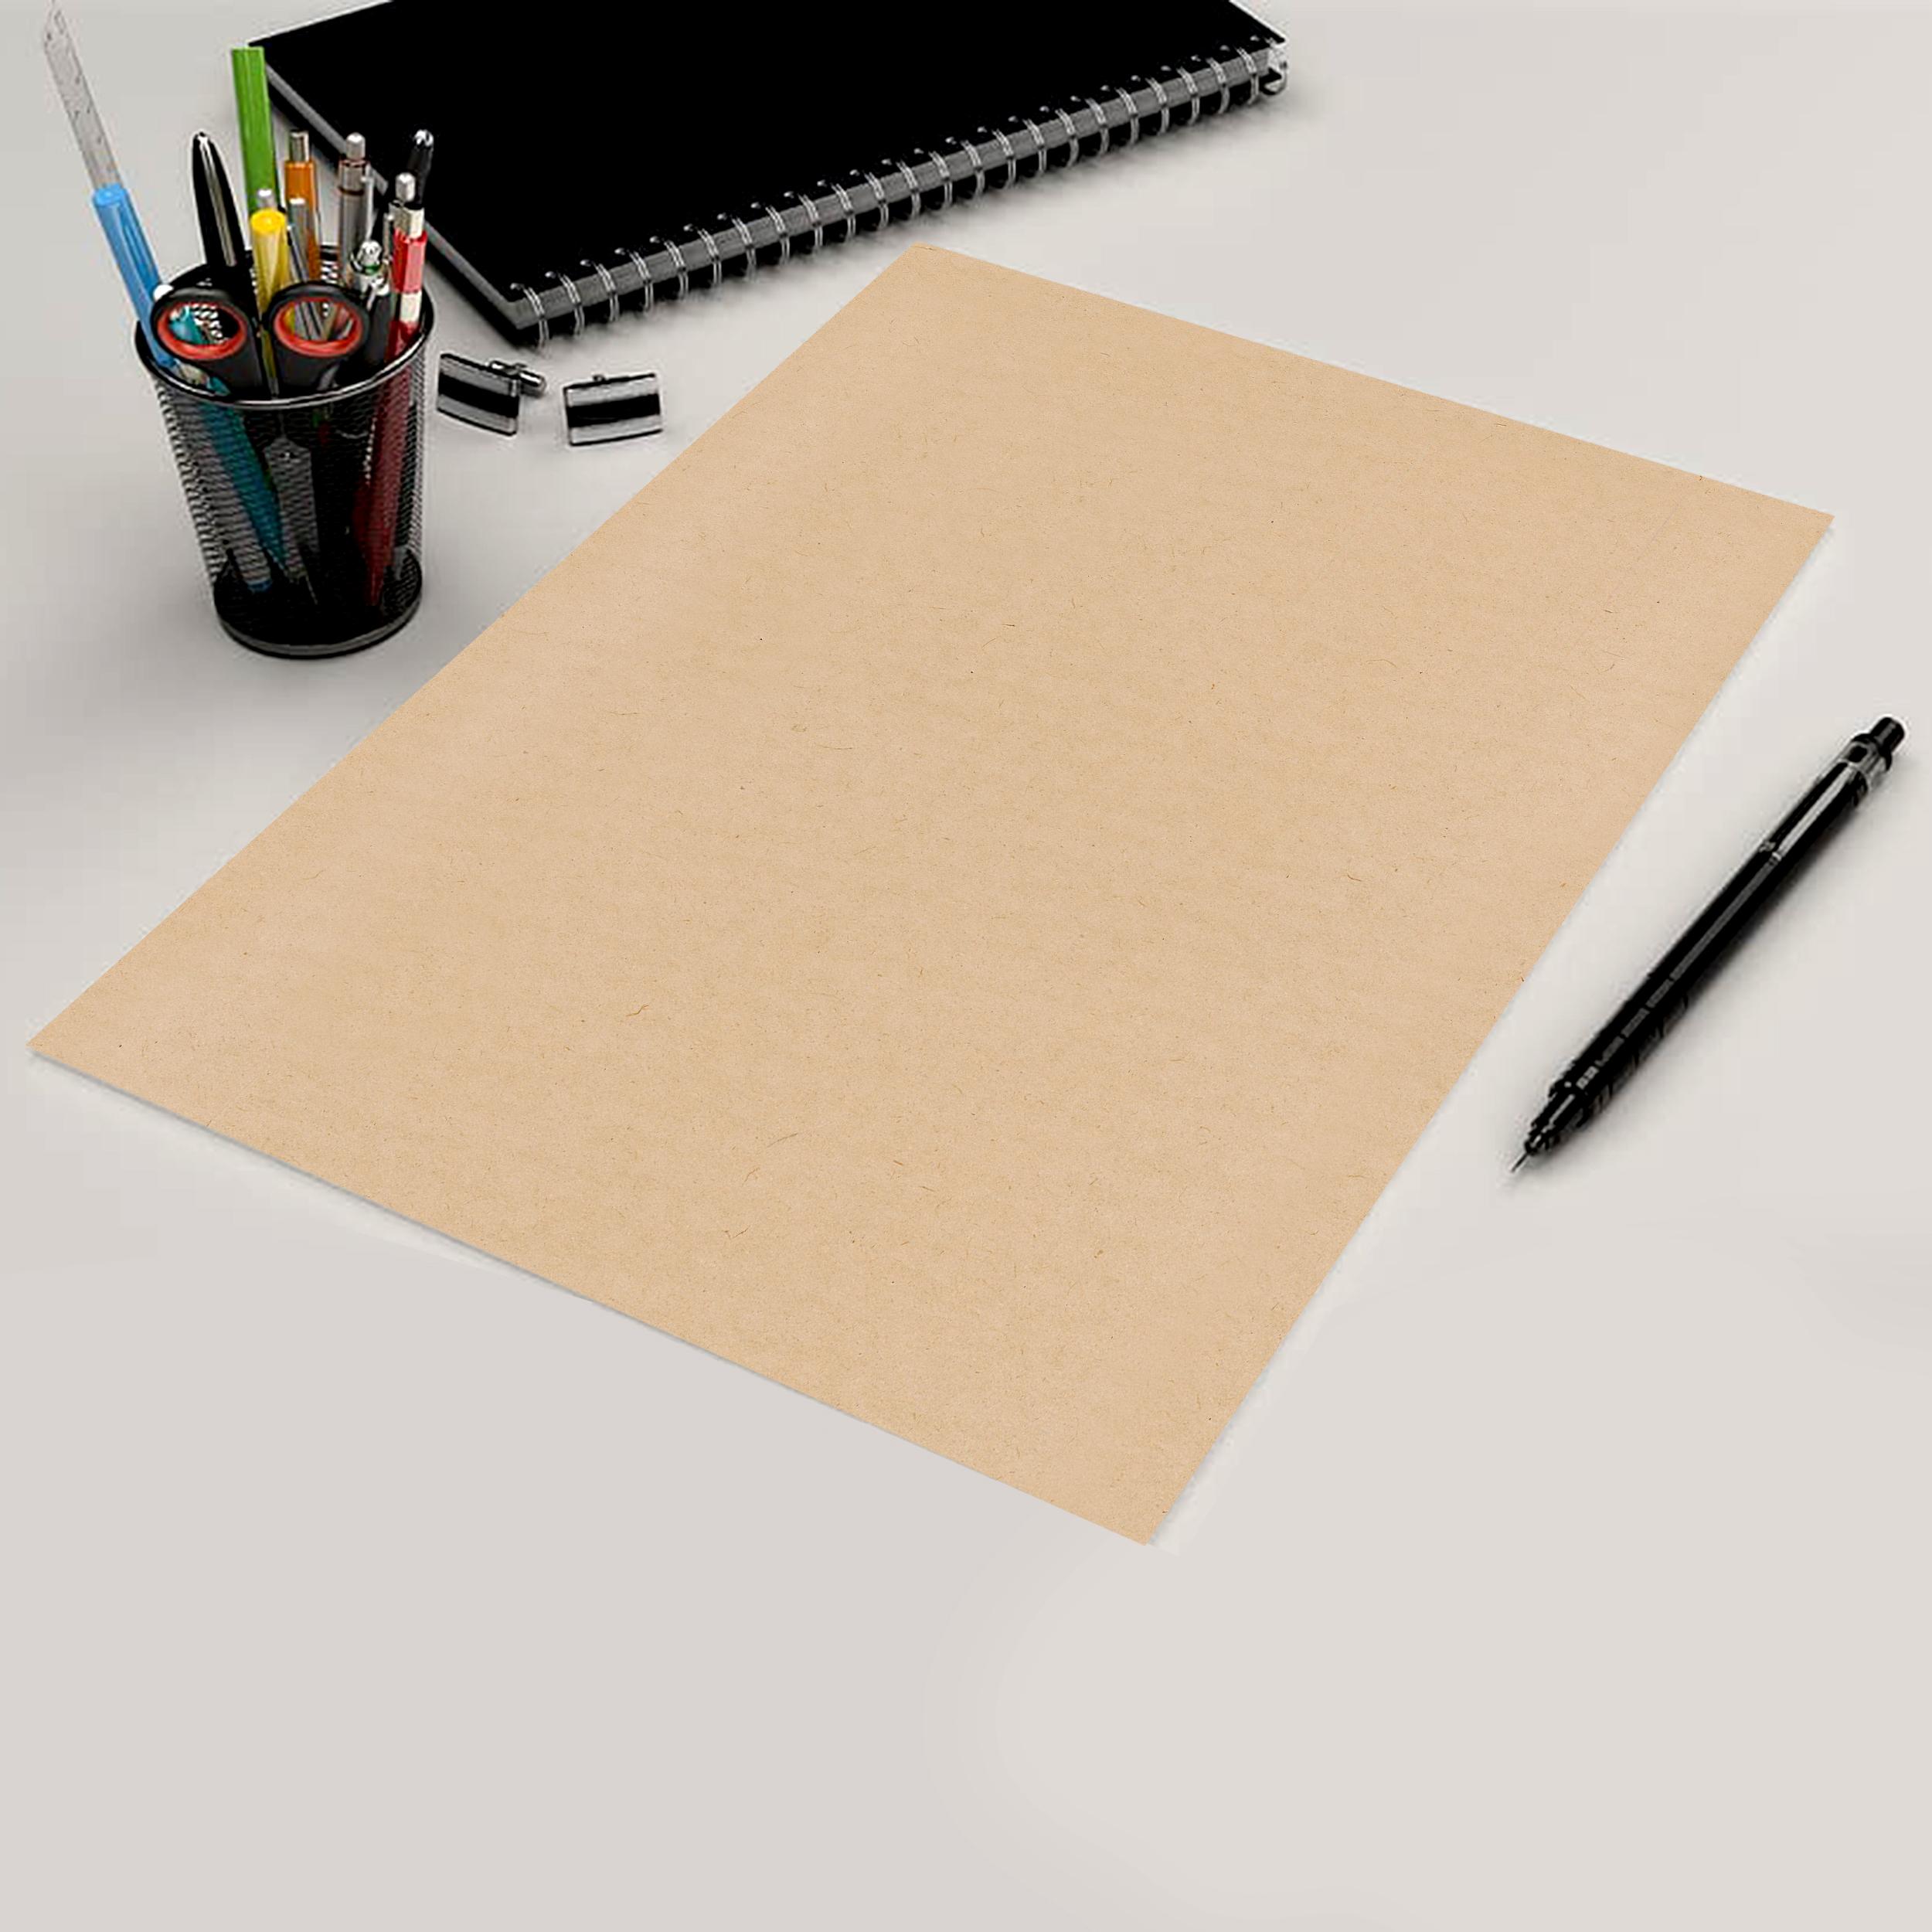 کاغذ کرافت مستر رادکد  1436بسته 50 عددی main 1 20